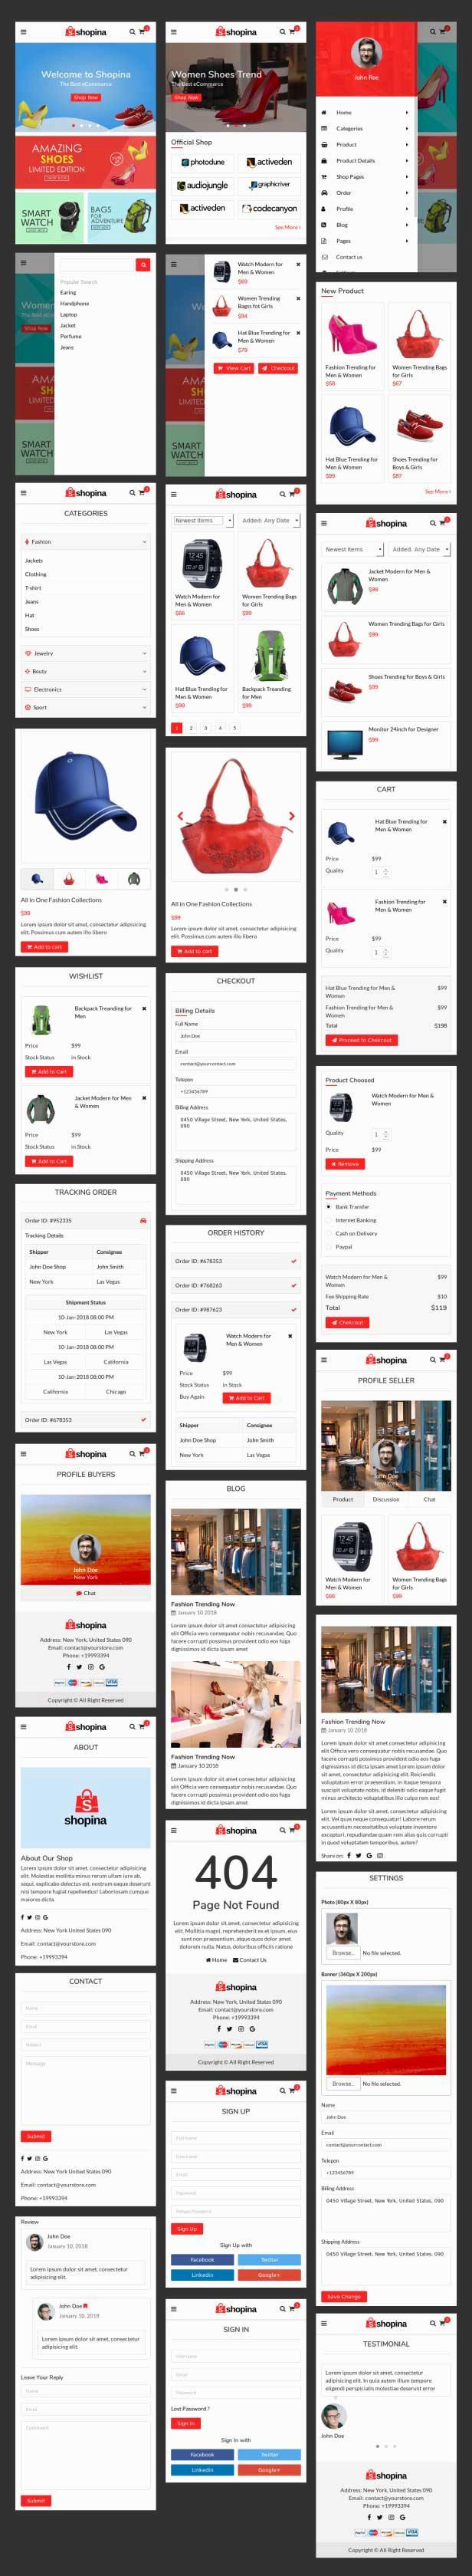 服装商城网站模板,包包手机wap商城ui框架模板